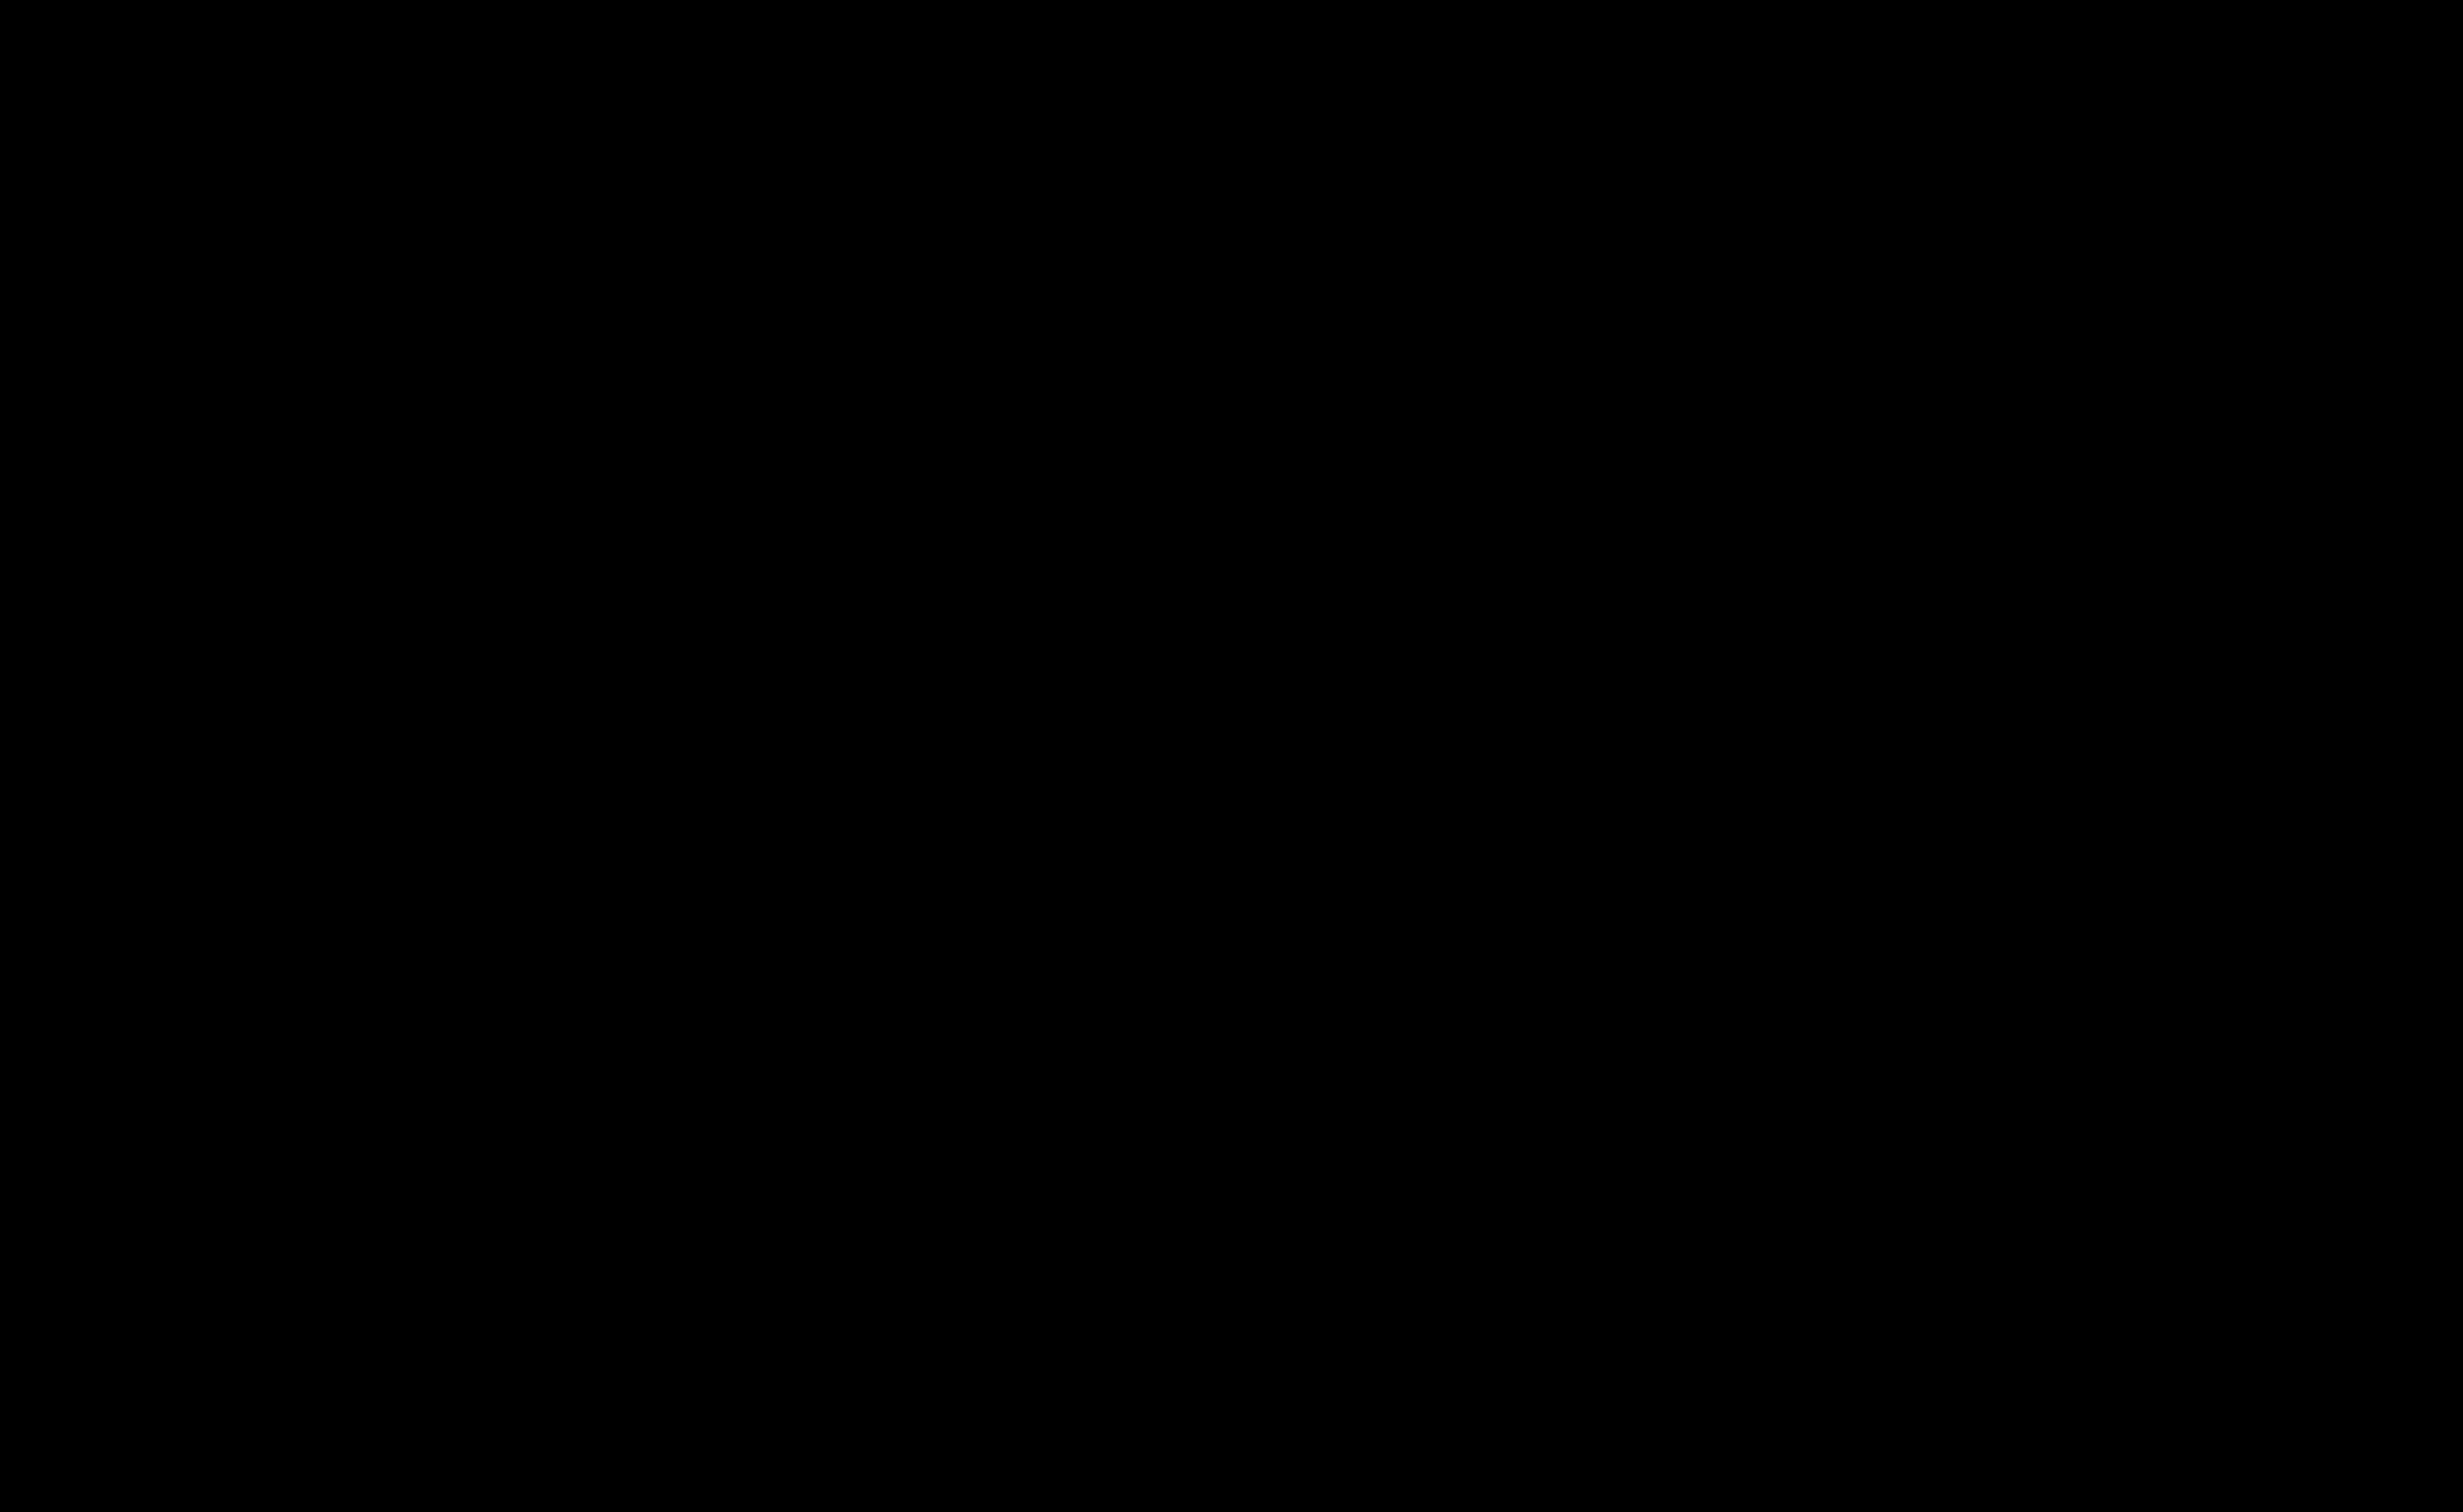 MAL-dPEG®₂₄-amido-dPEG®₂₄-DSPE